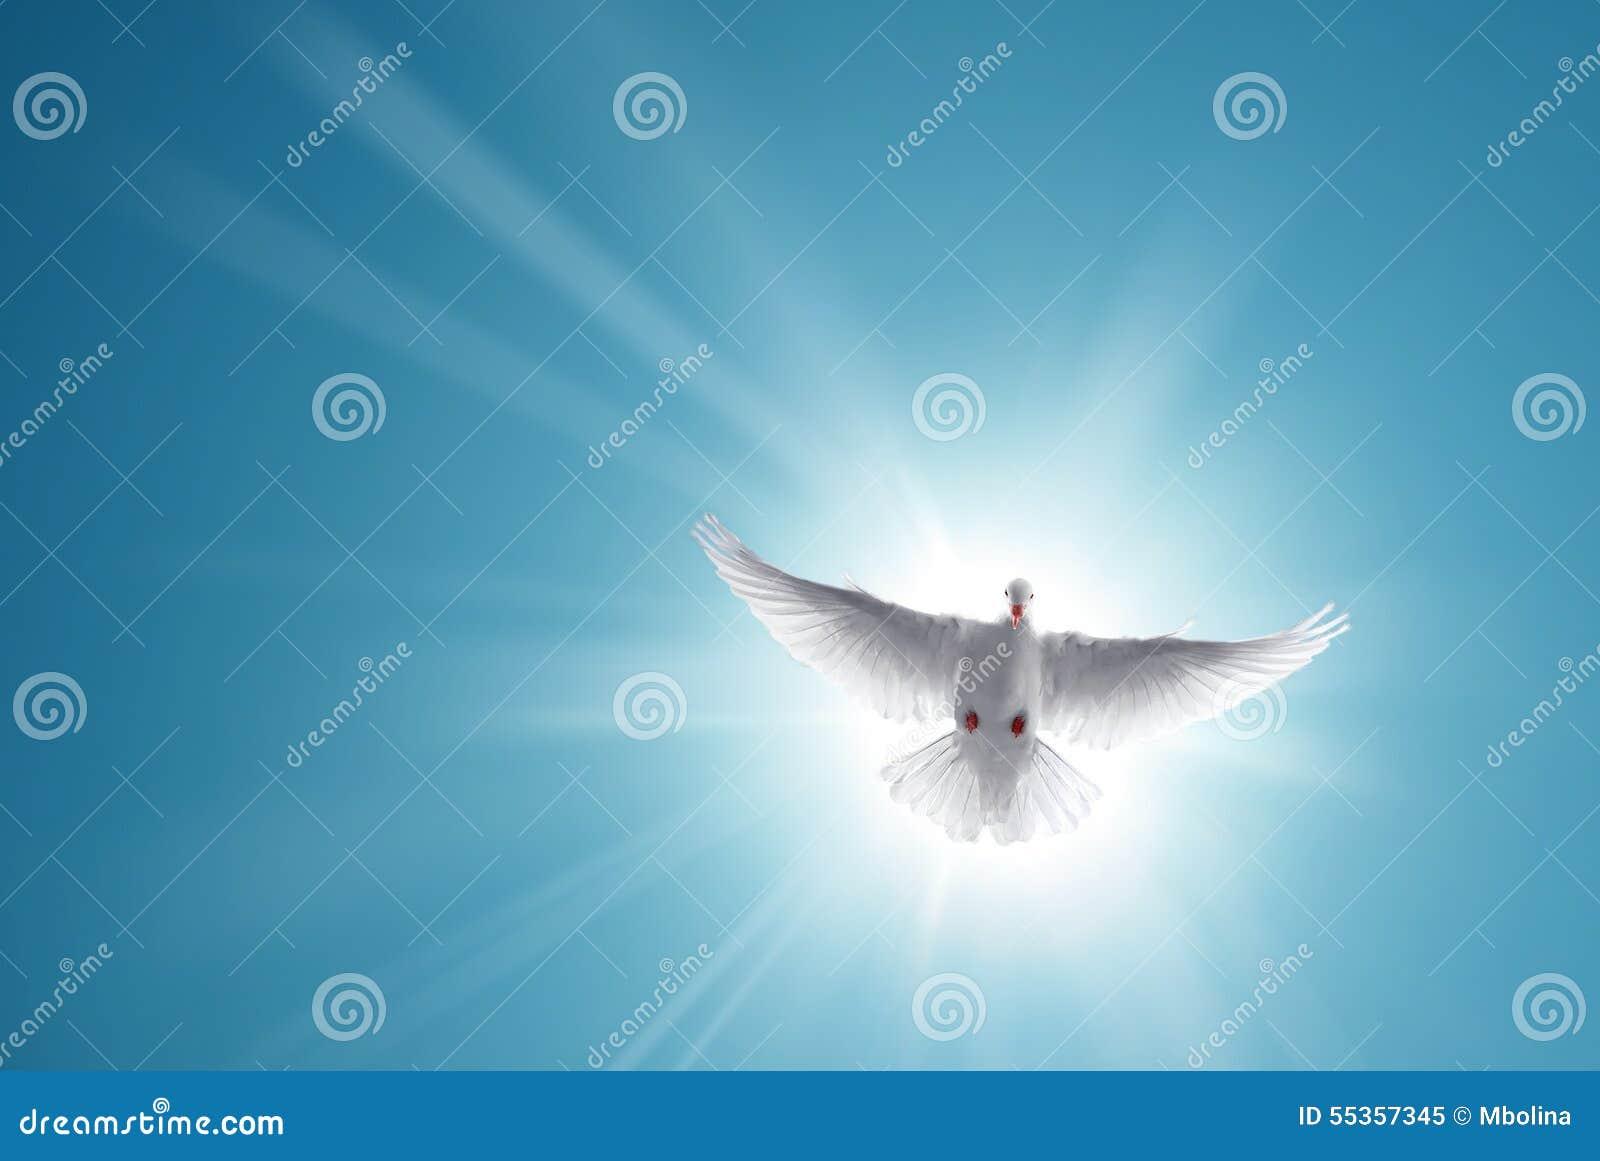 Volo santo bianco della colomba in cielo blu